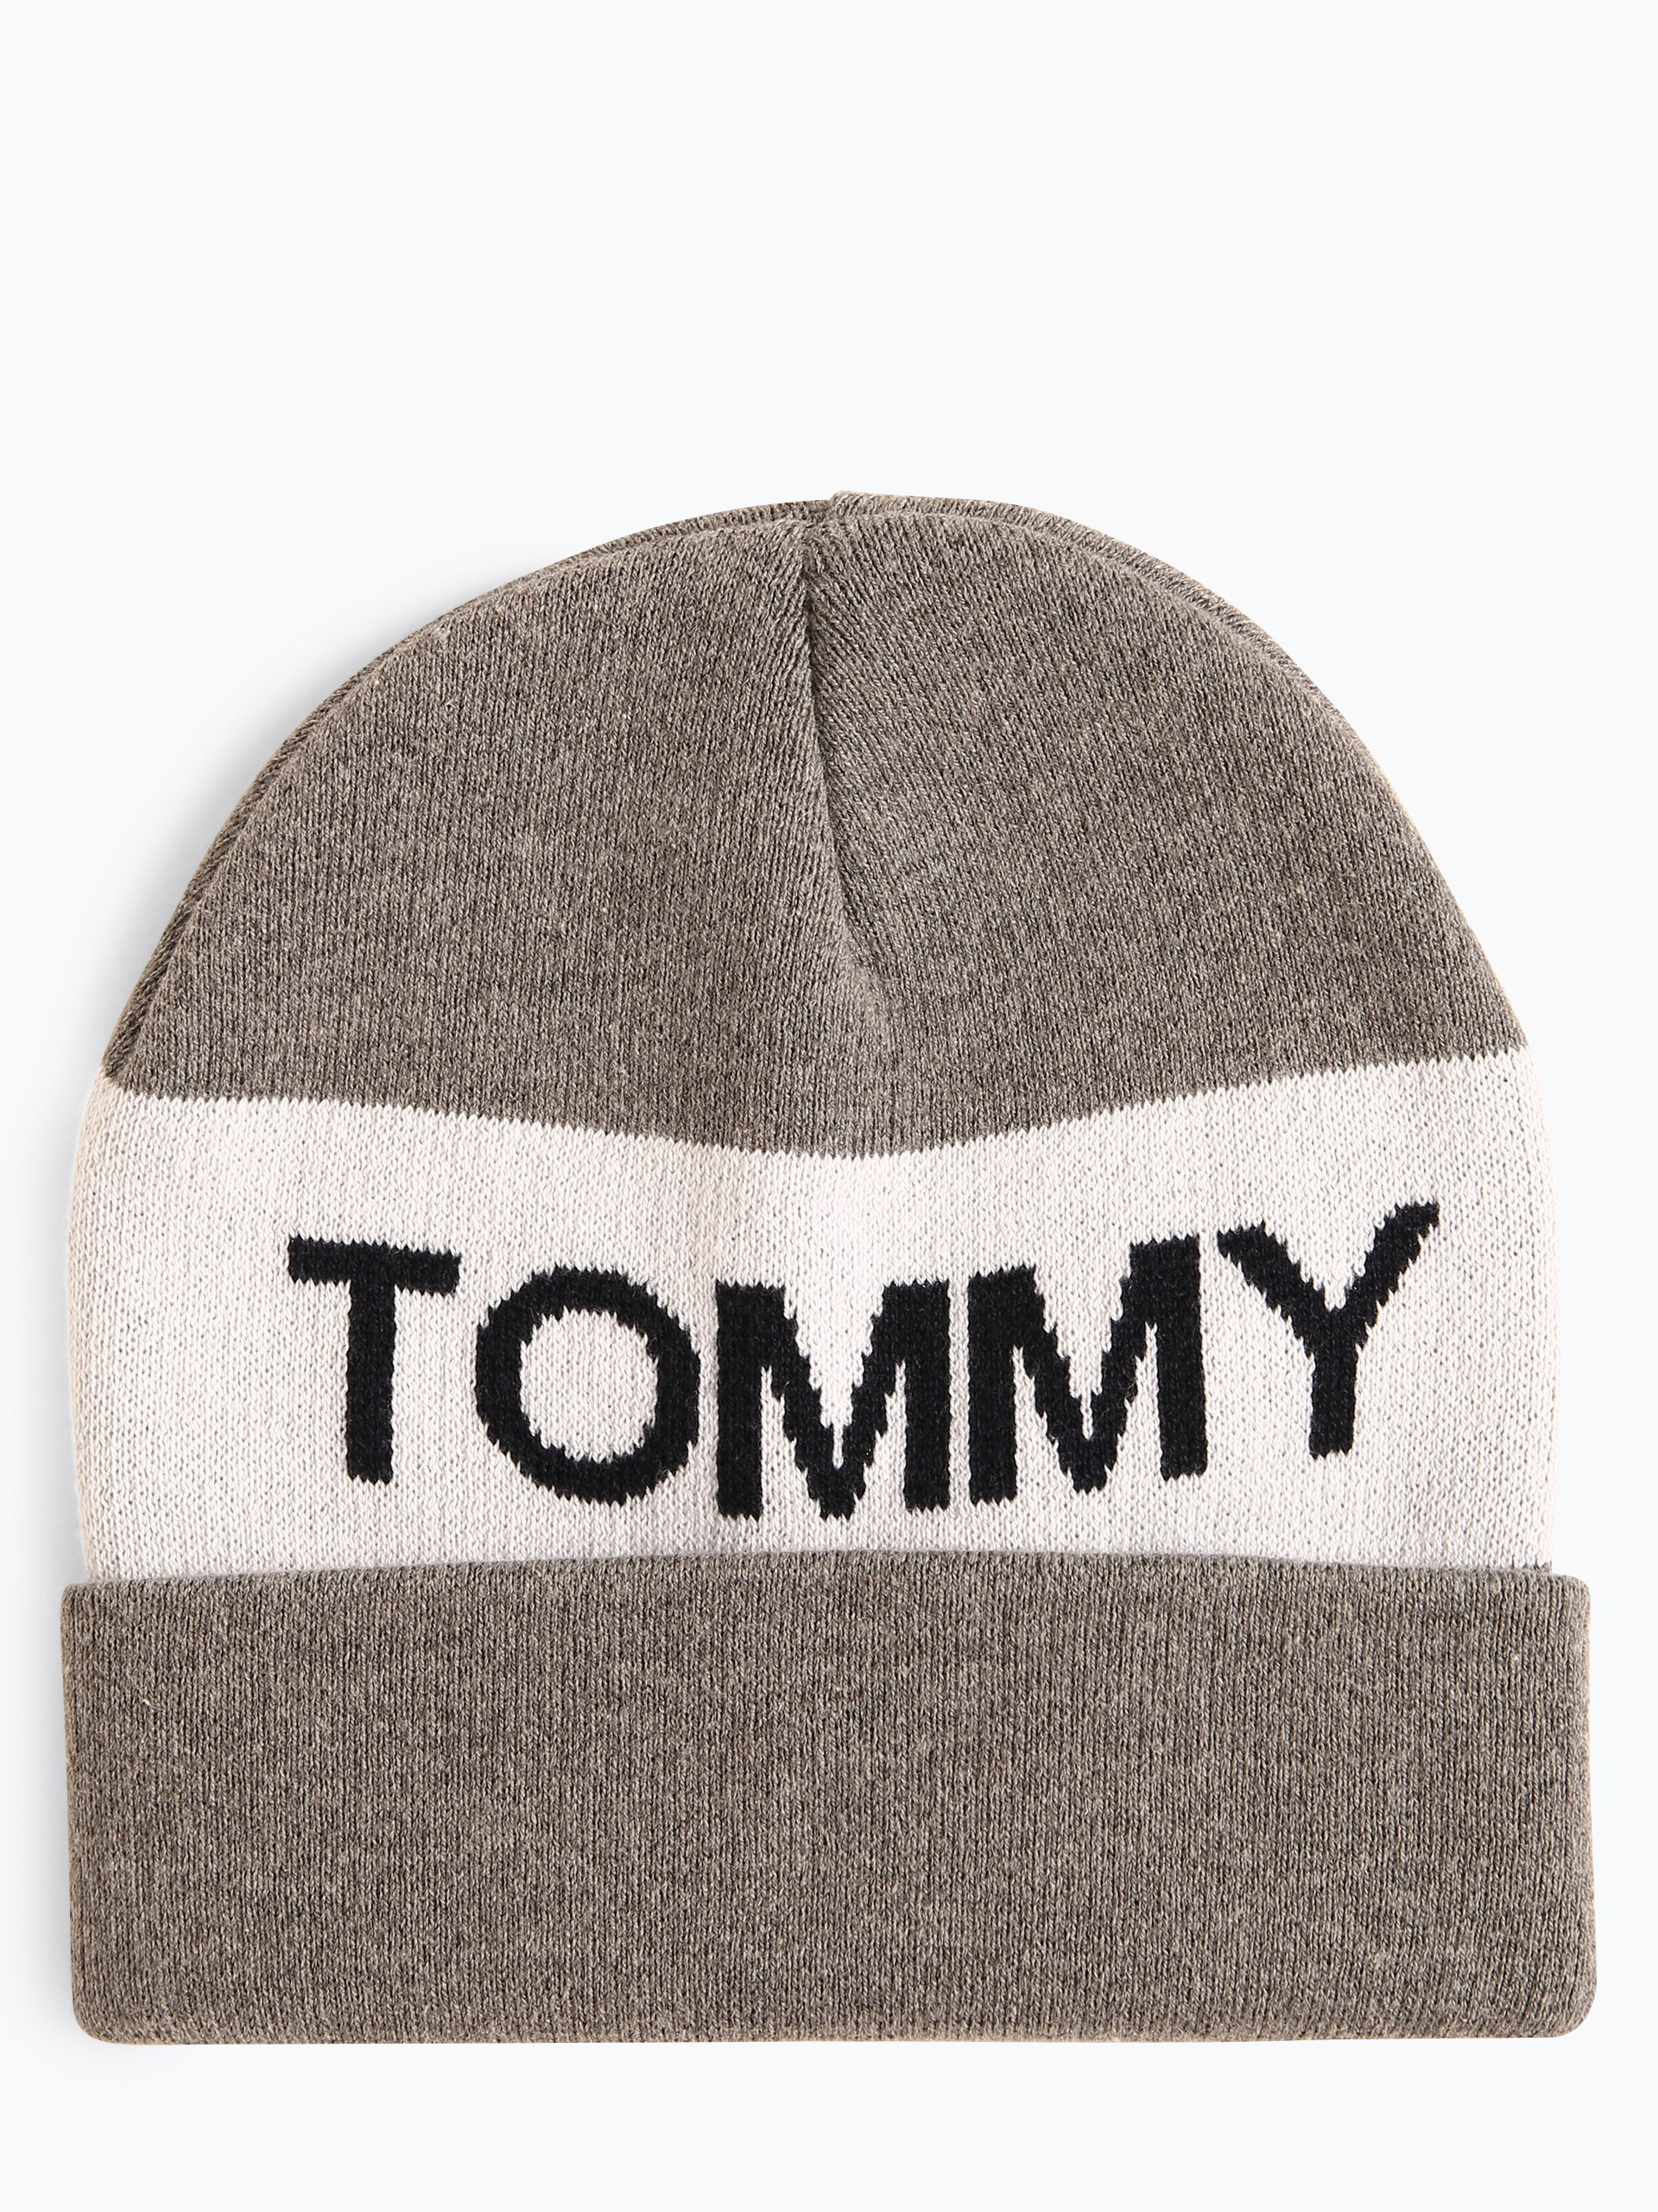 Tommy Hilfiger Jungen Mütze